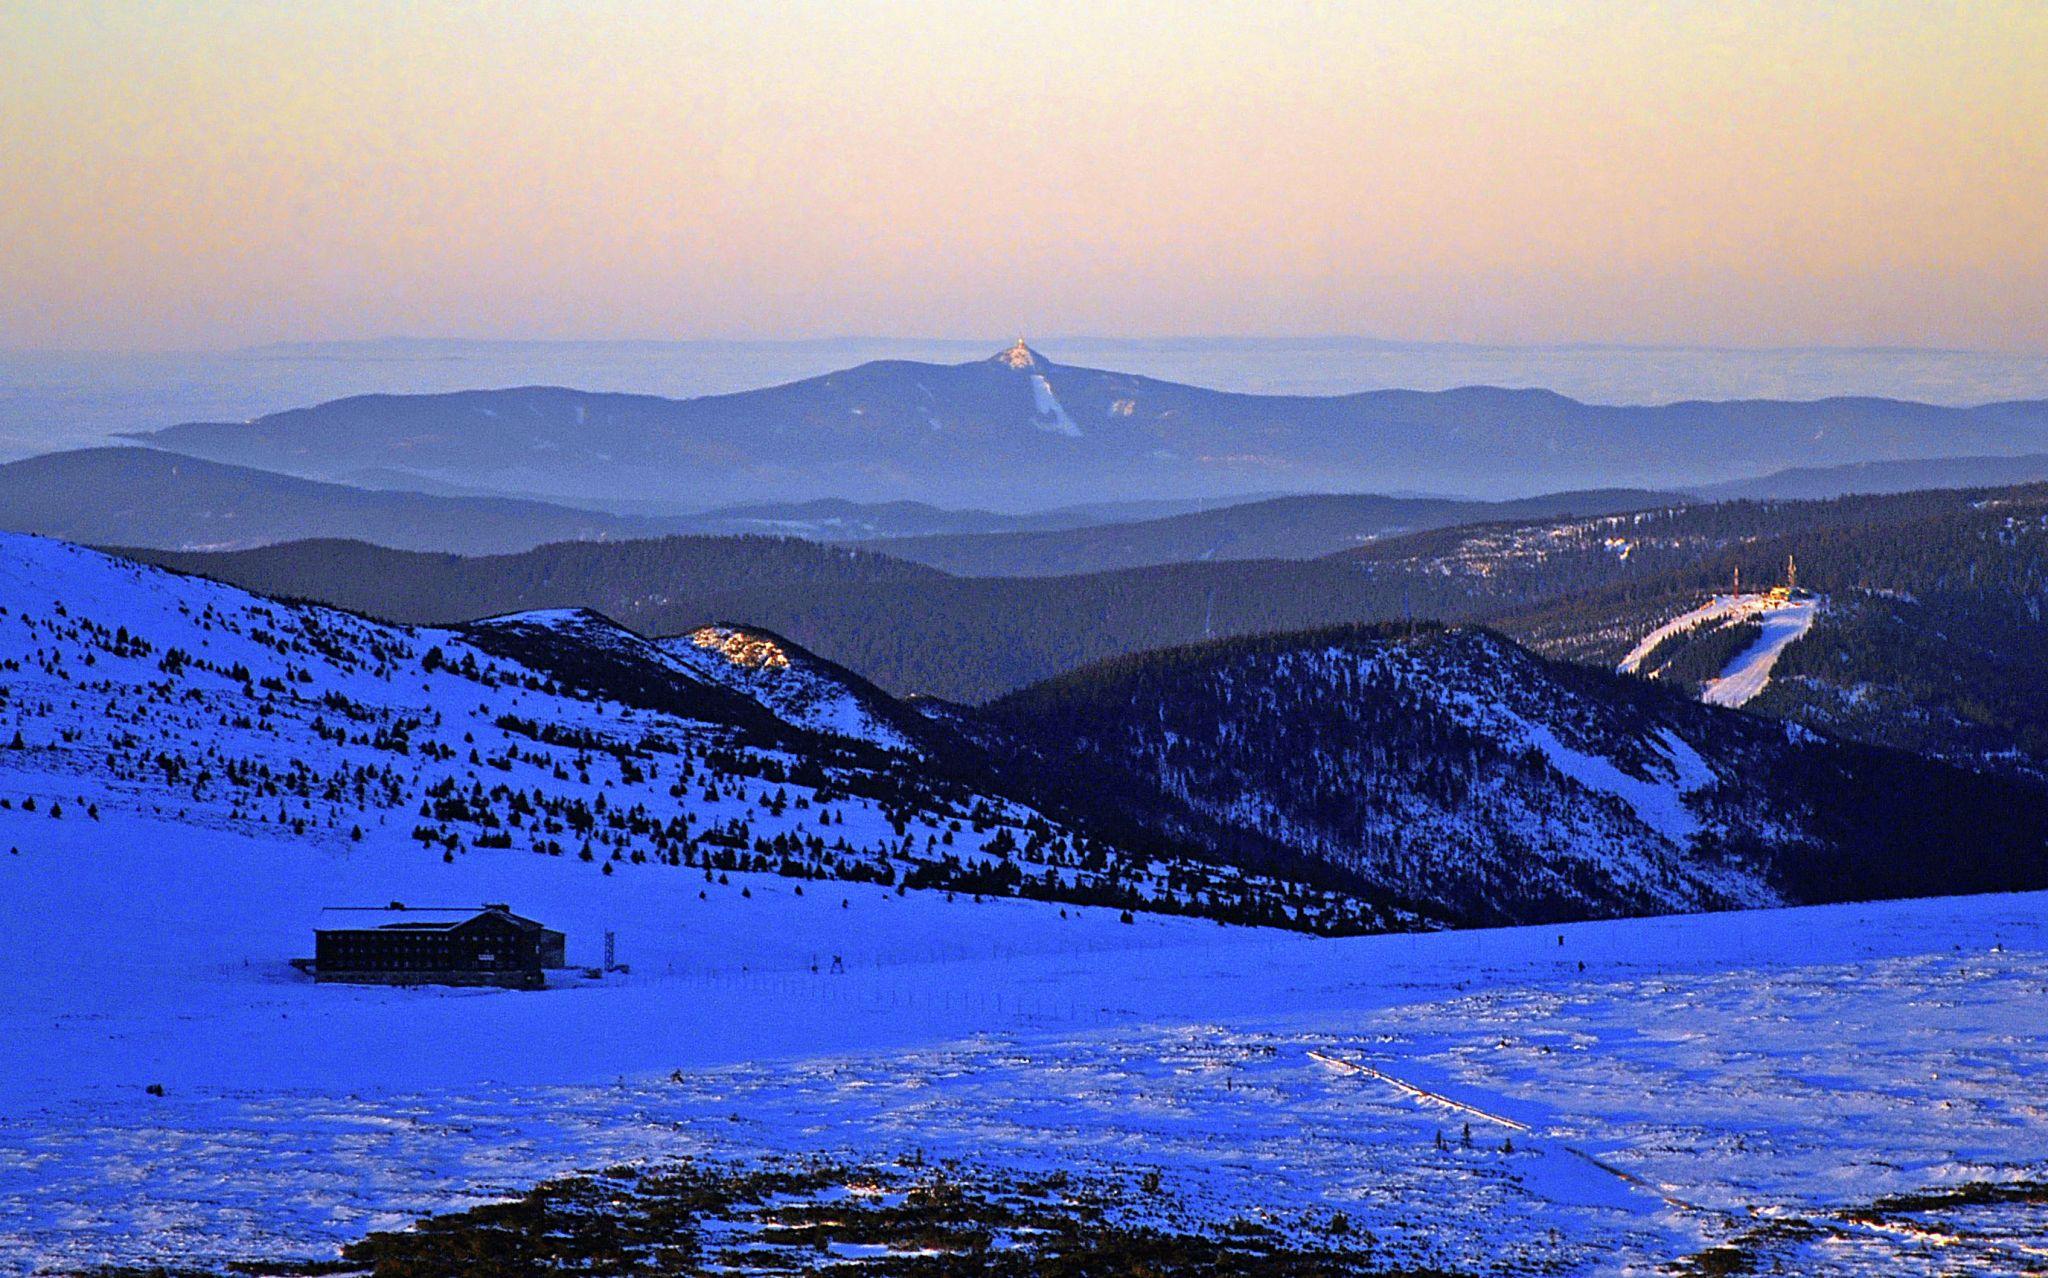 West of Snezka mountain, Poland